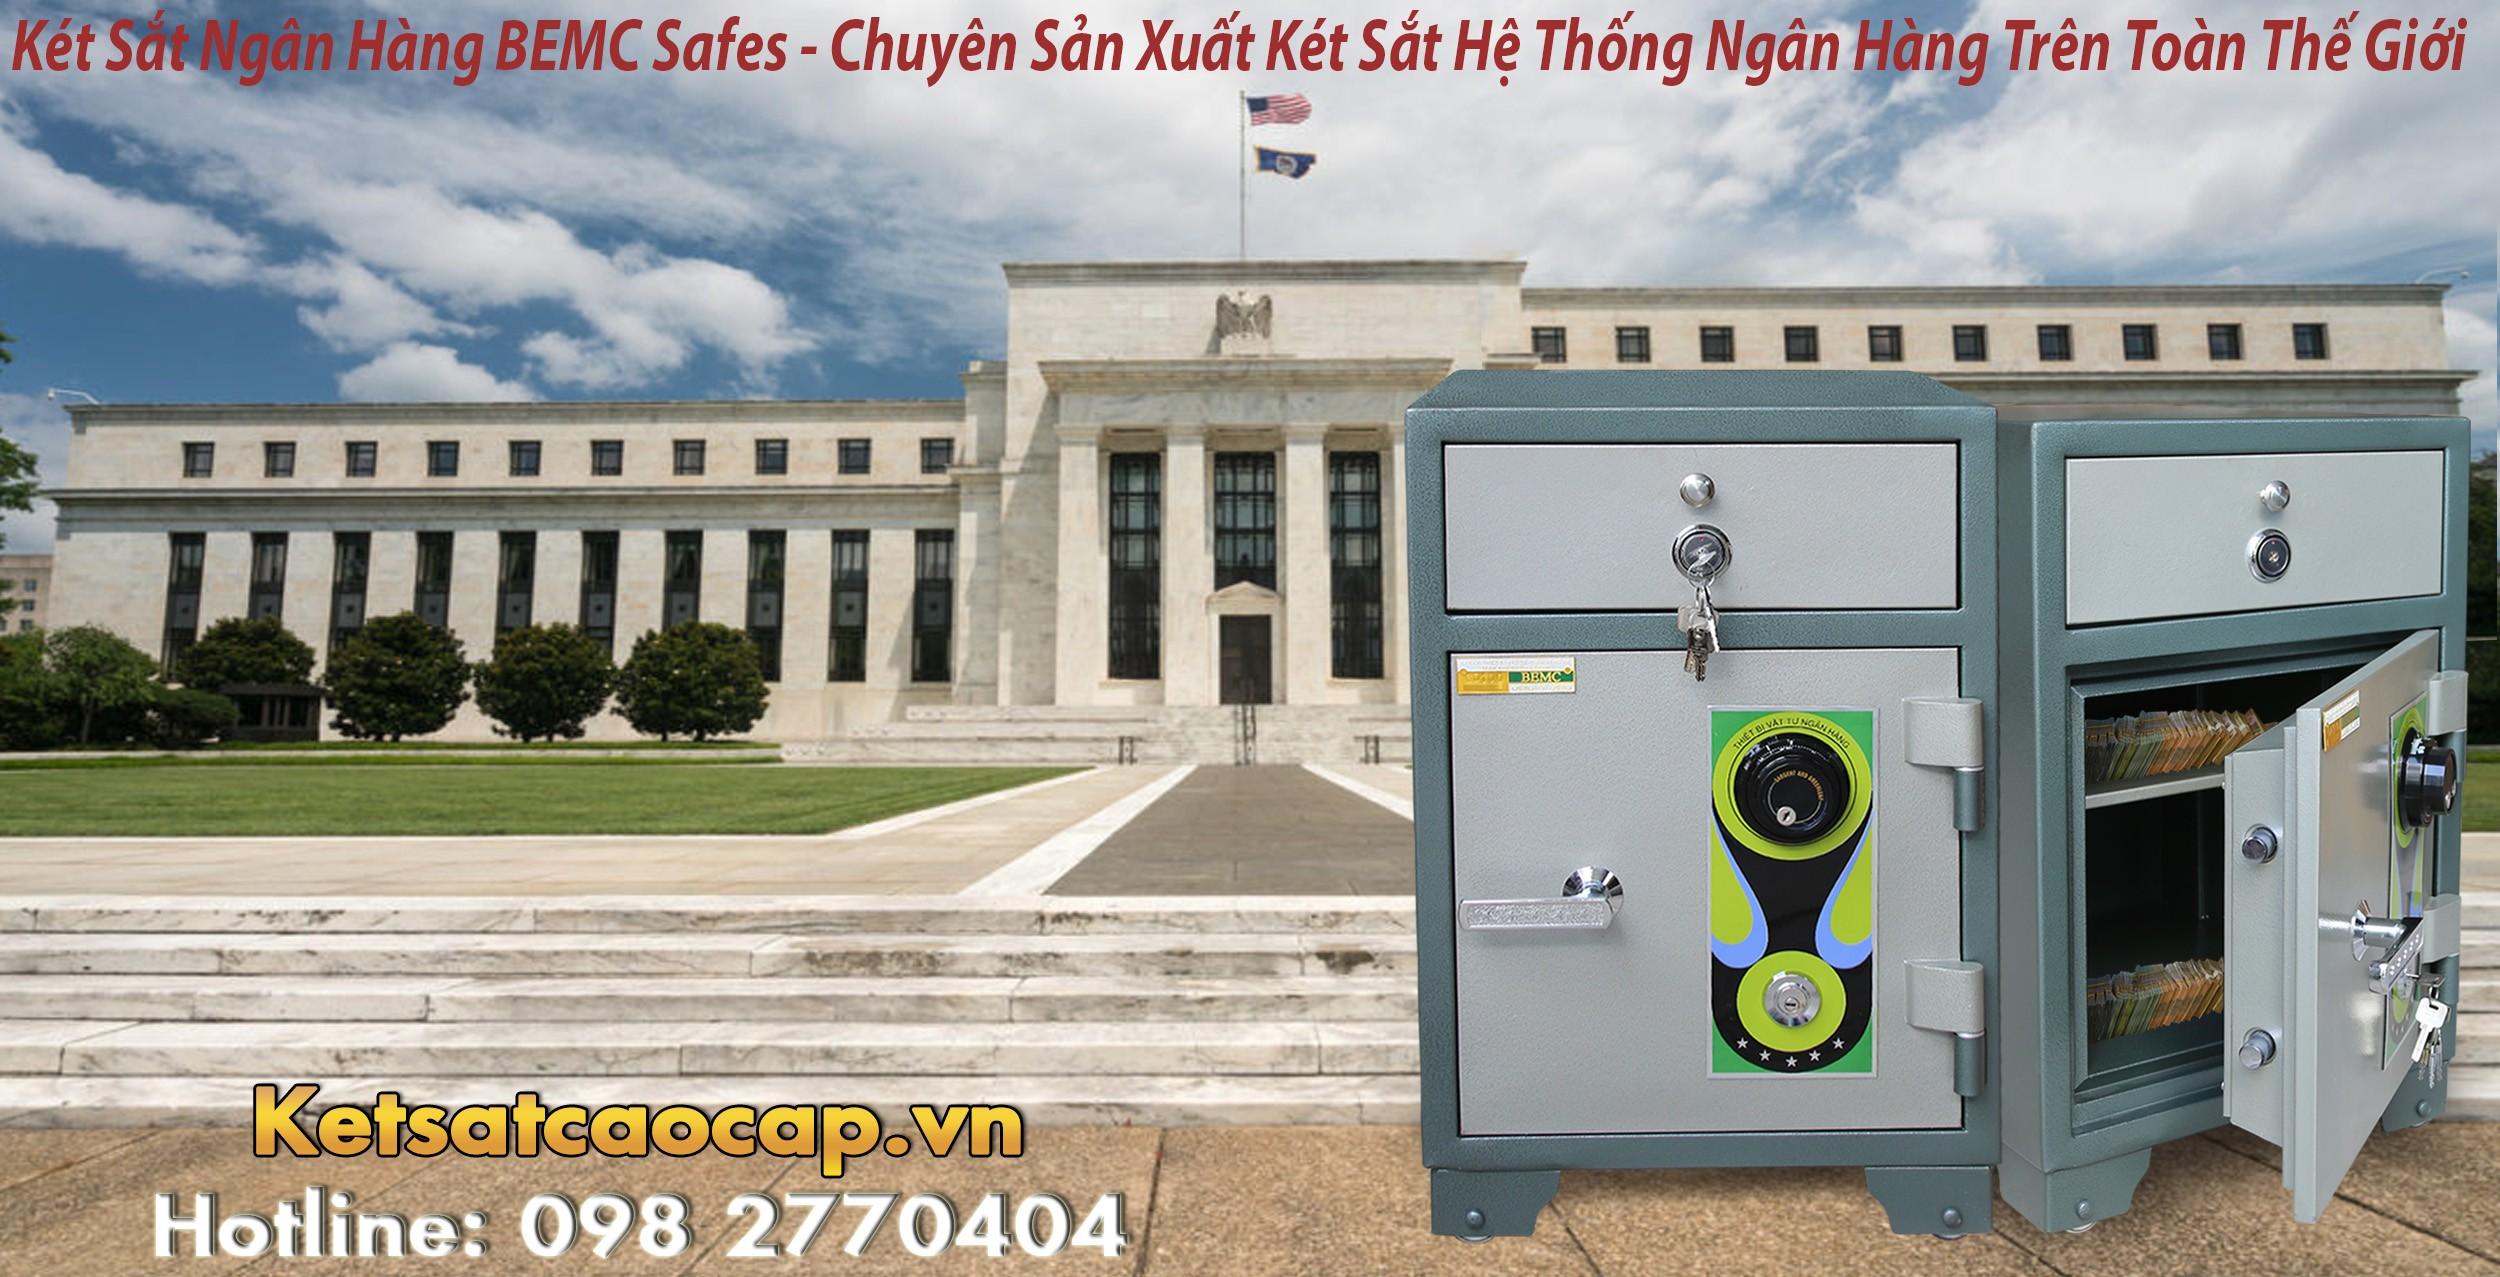 hình ảnh sản phẩm két sắt mini khóa mã số